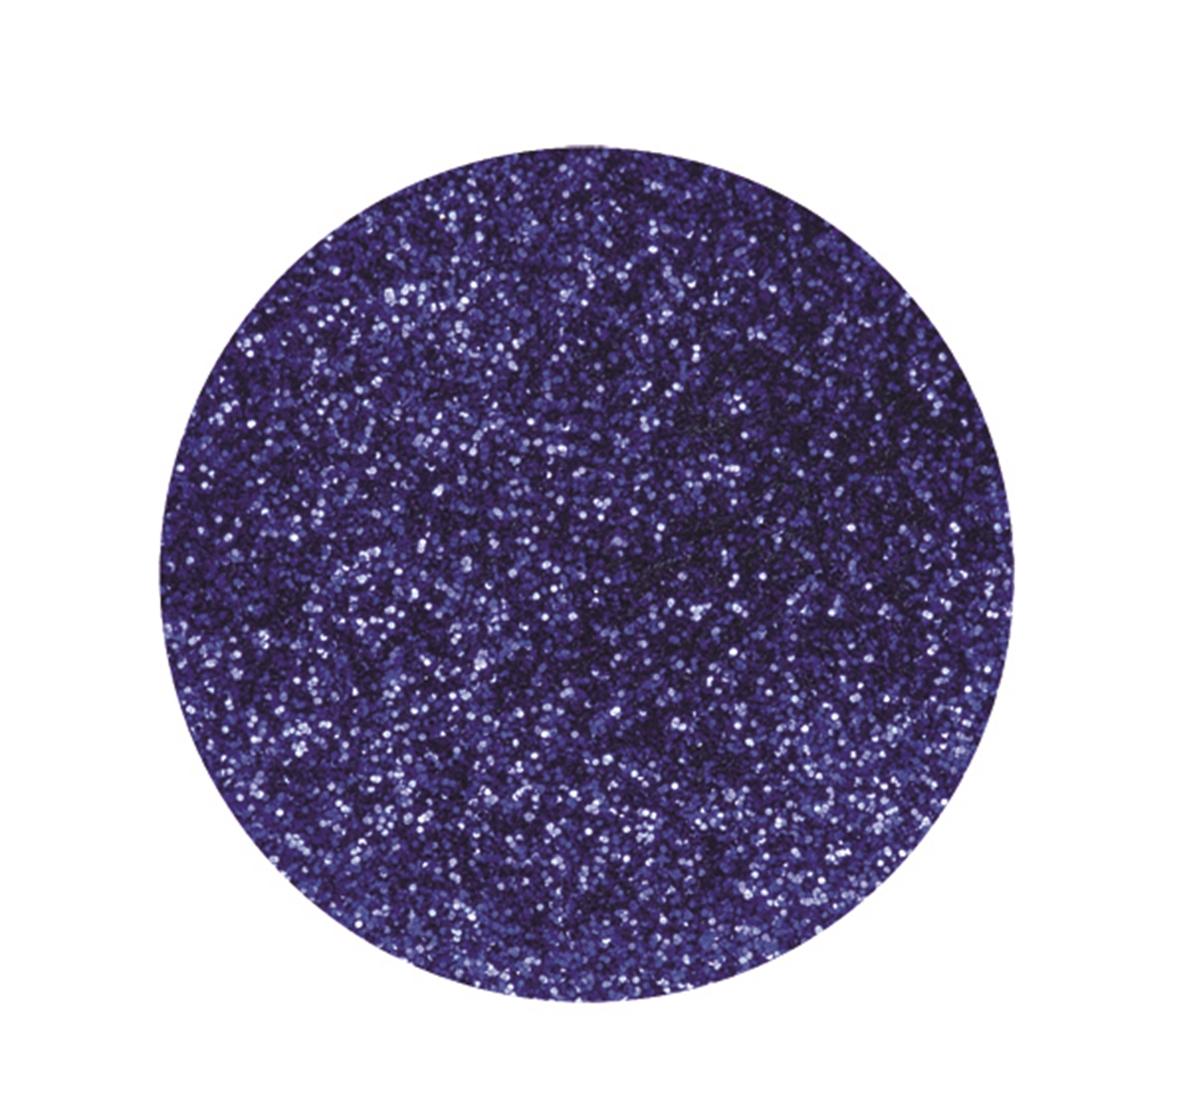 Boîte de 10 g de paillettes ultrafines - Coloris bleu marine